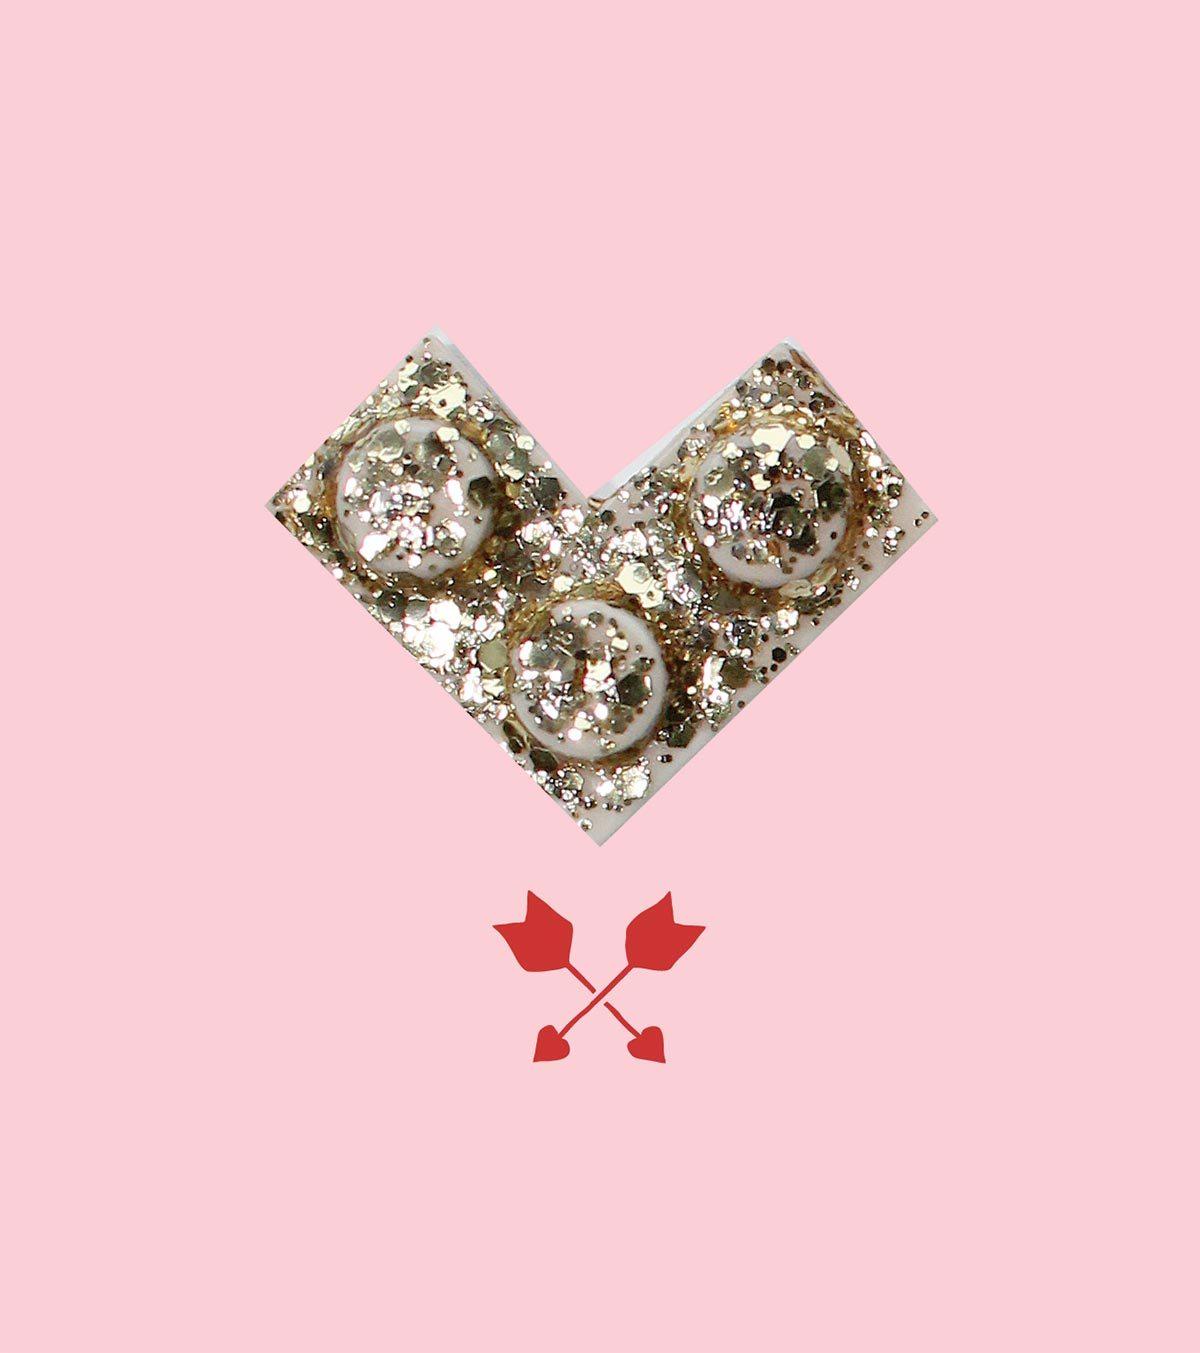 LEGO Valentine's Day card - LivingMiVIdaLoca.com